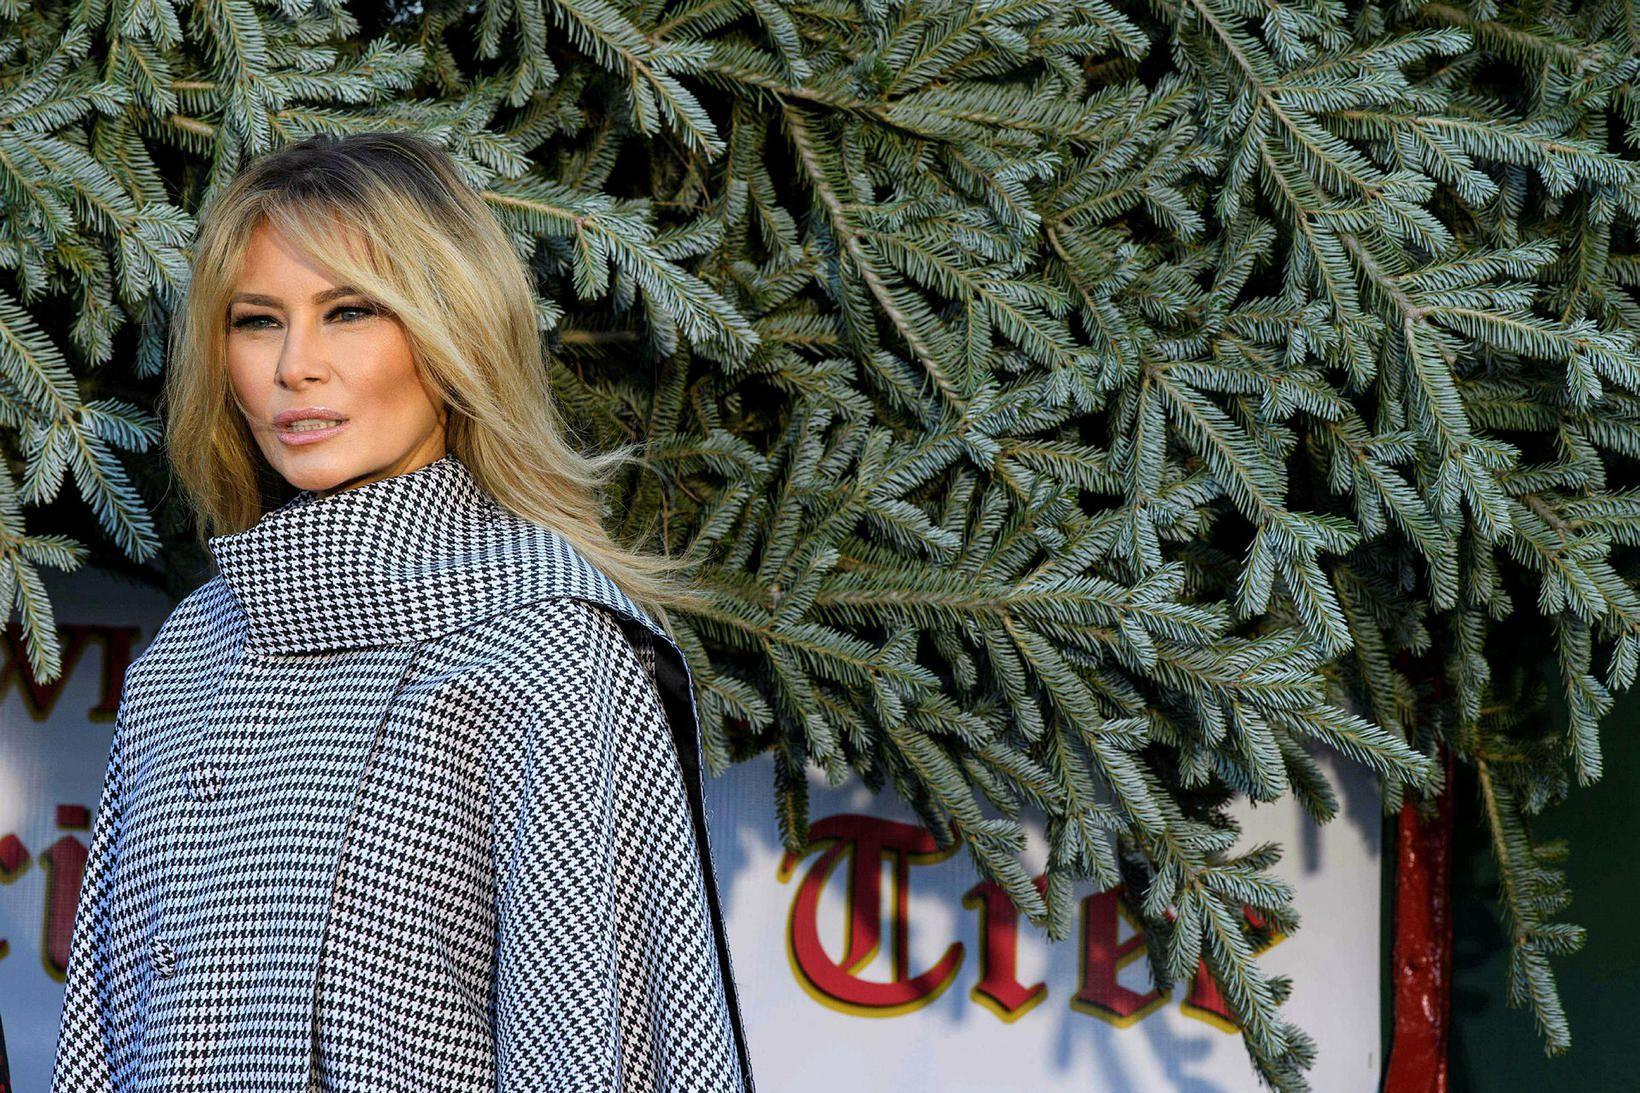 Melania Trump klæddi sig upp þegar jólatréð kom í hús.